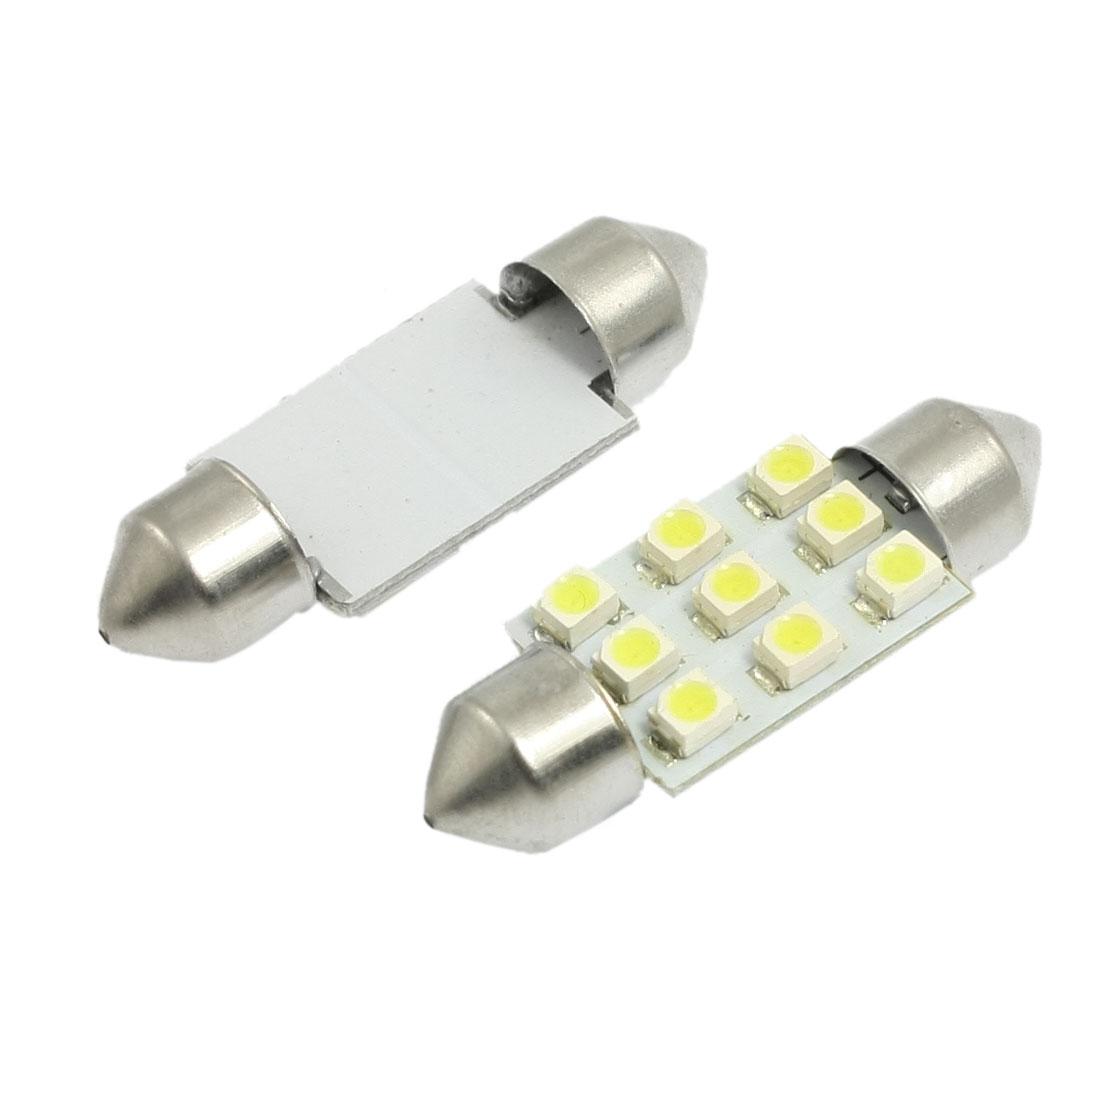 2 Pcs 36mm White 1210 SMD 9-LED Festoon Dome Light 6418 Bulbs for Car